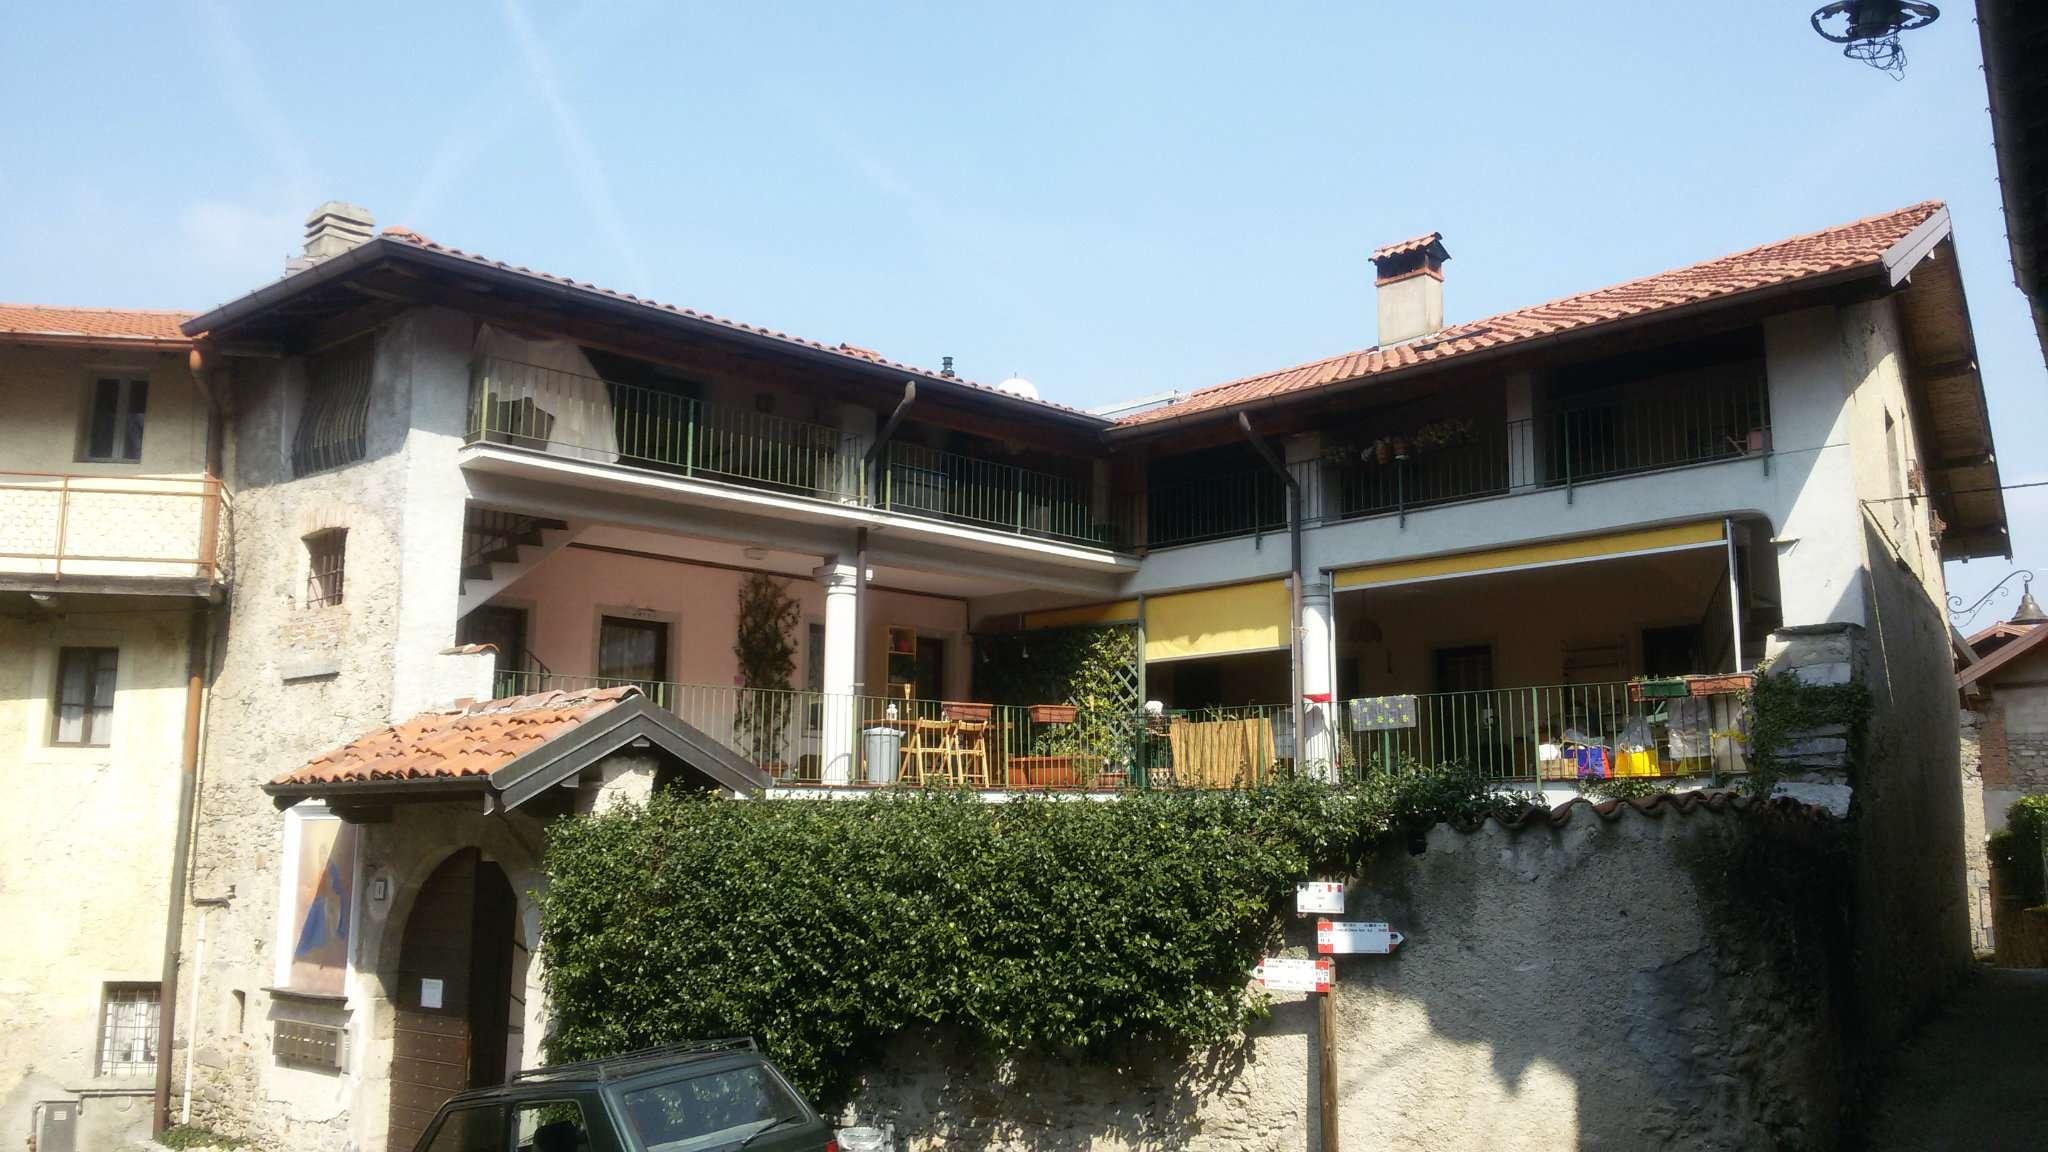 Appartamento in affitto a Cocquio-Trevisago, 2 locali, prezzo € 450 | Cambio Casa.it